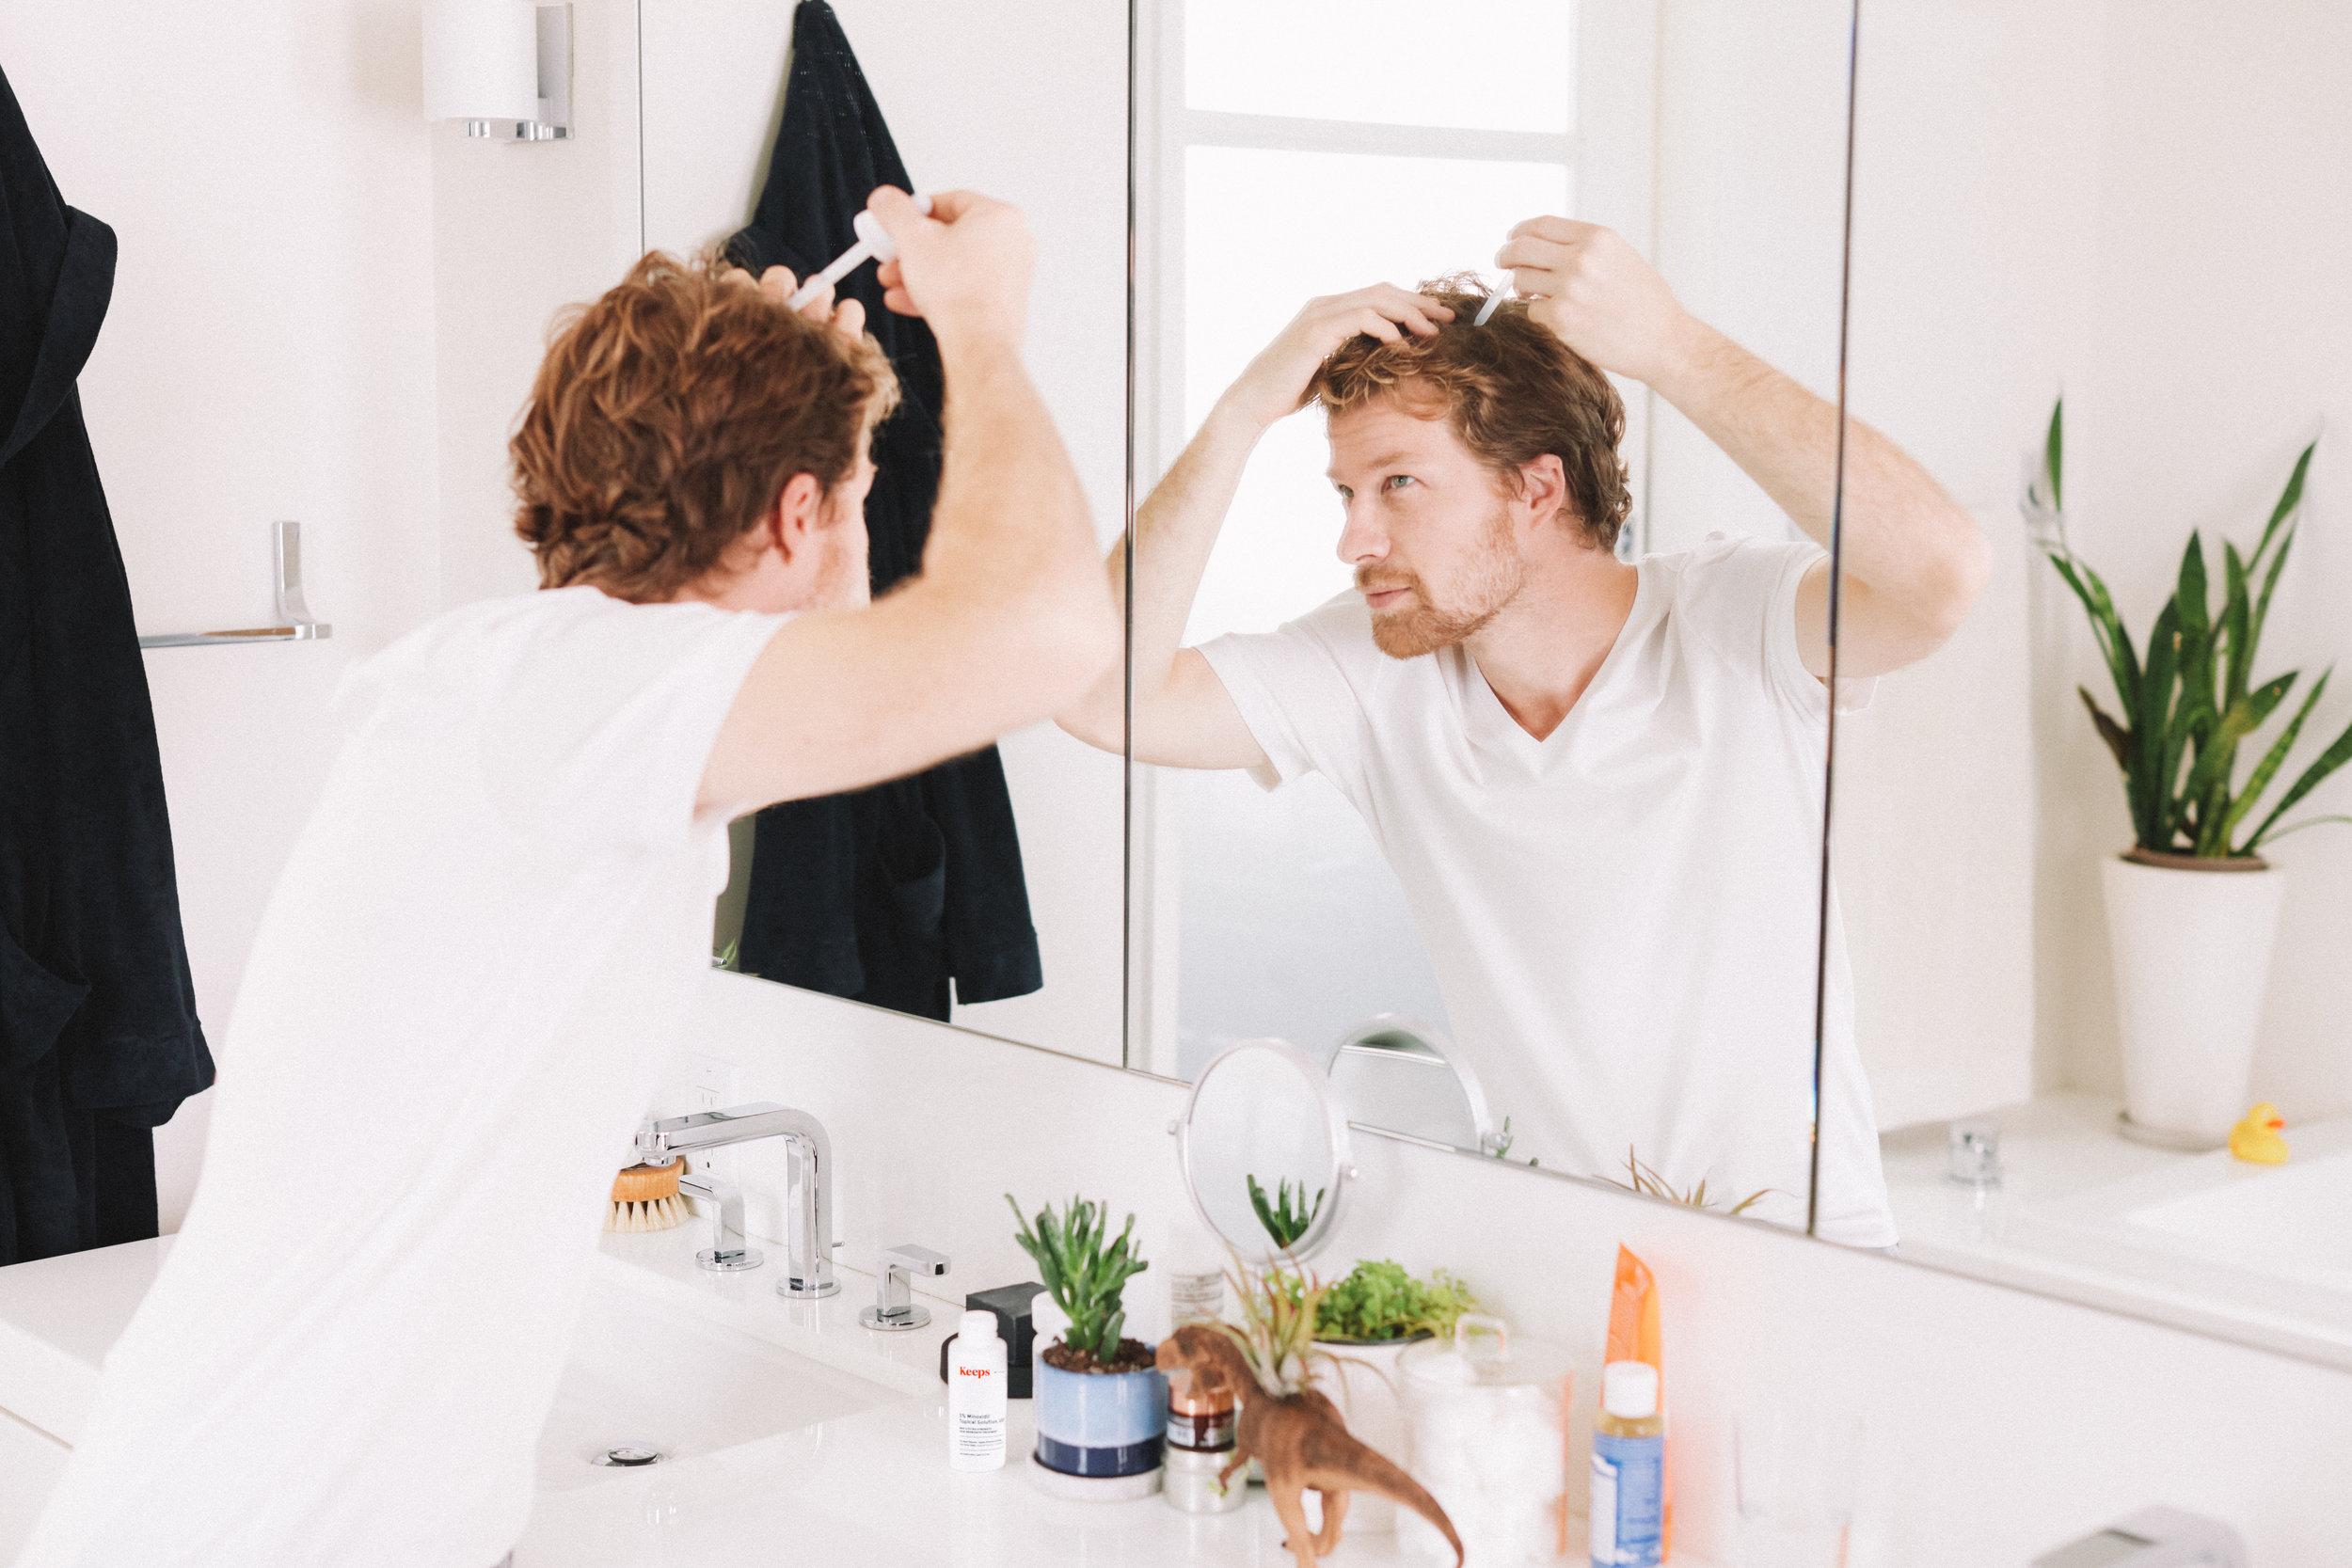 Man applying Keeps hair loss serum in mirror